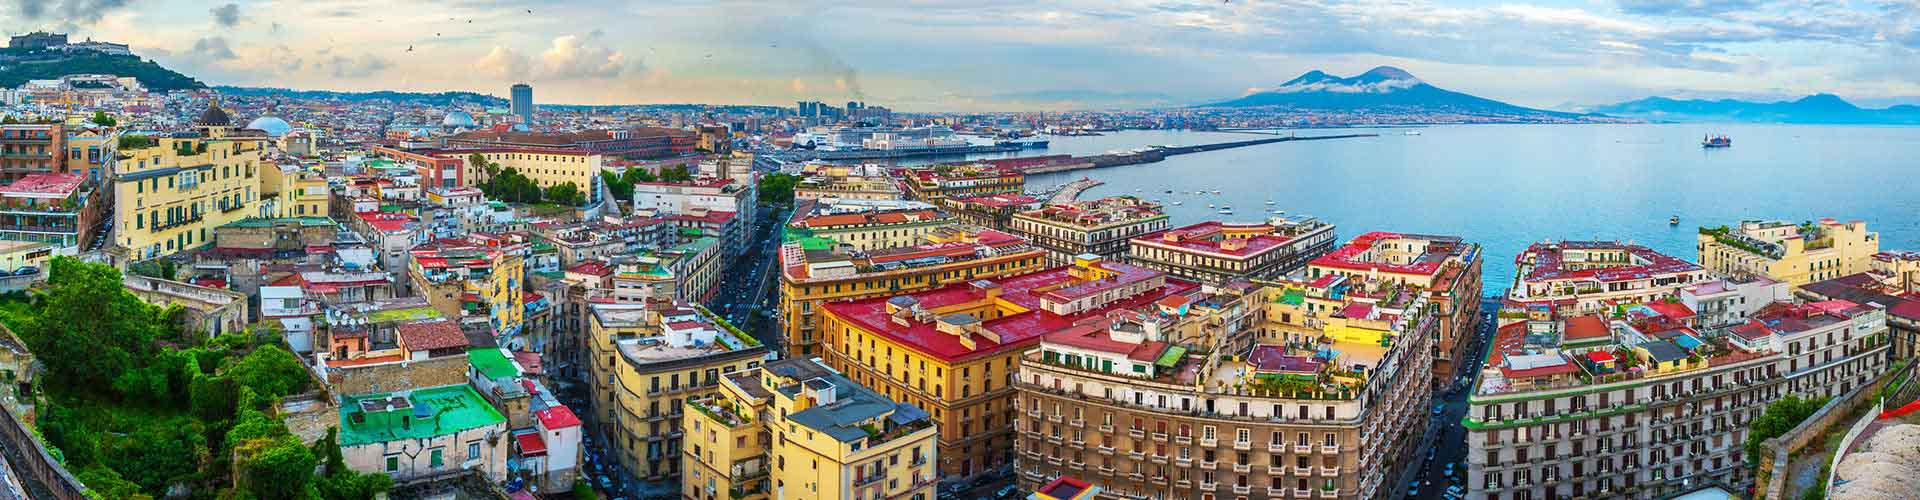 Nápoles - Habitaciones en el distrito Chiaia. Mapas de Nápoles, Fotos y comentarios de cada Habitación en Nápoles.